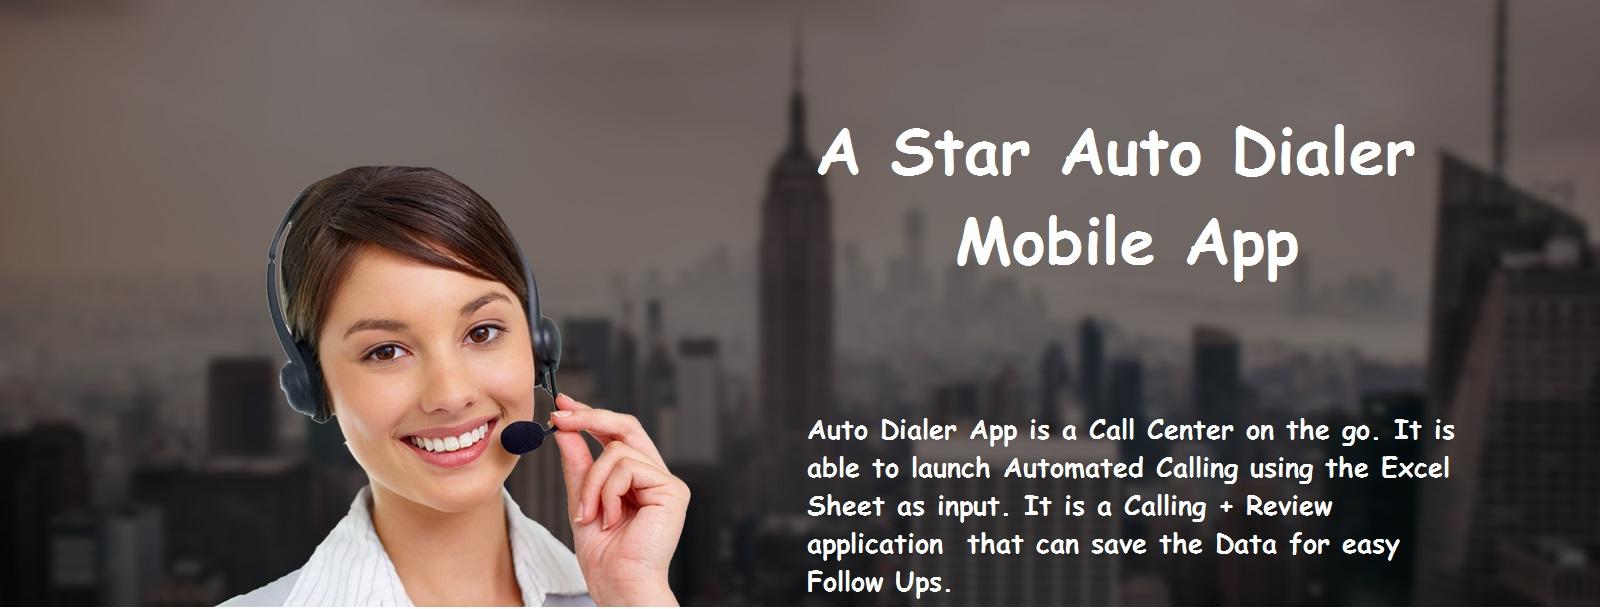 Best Auto Dialer App | Call Dialer App Android | Schedule